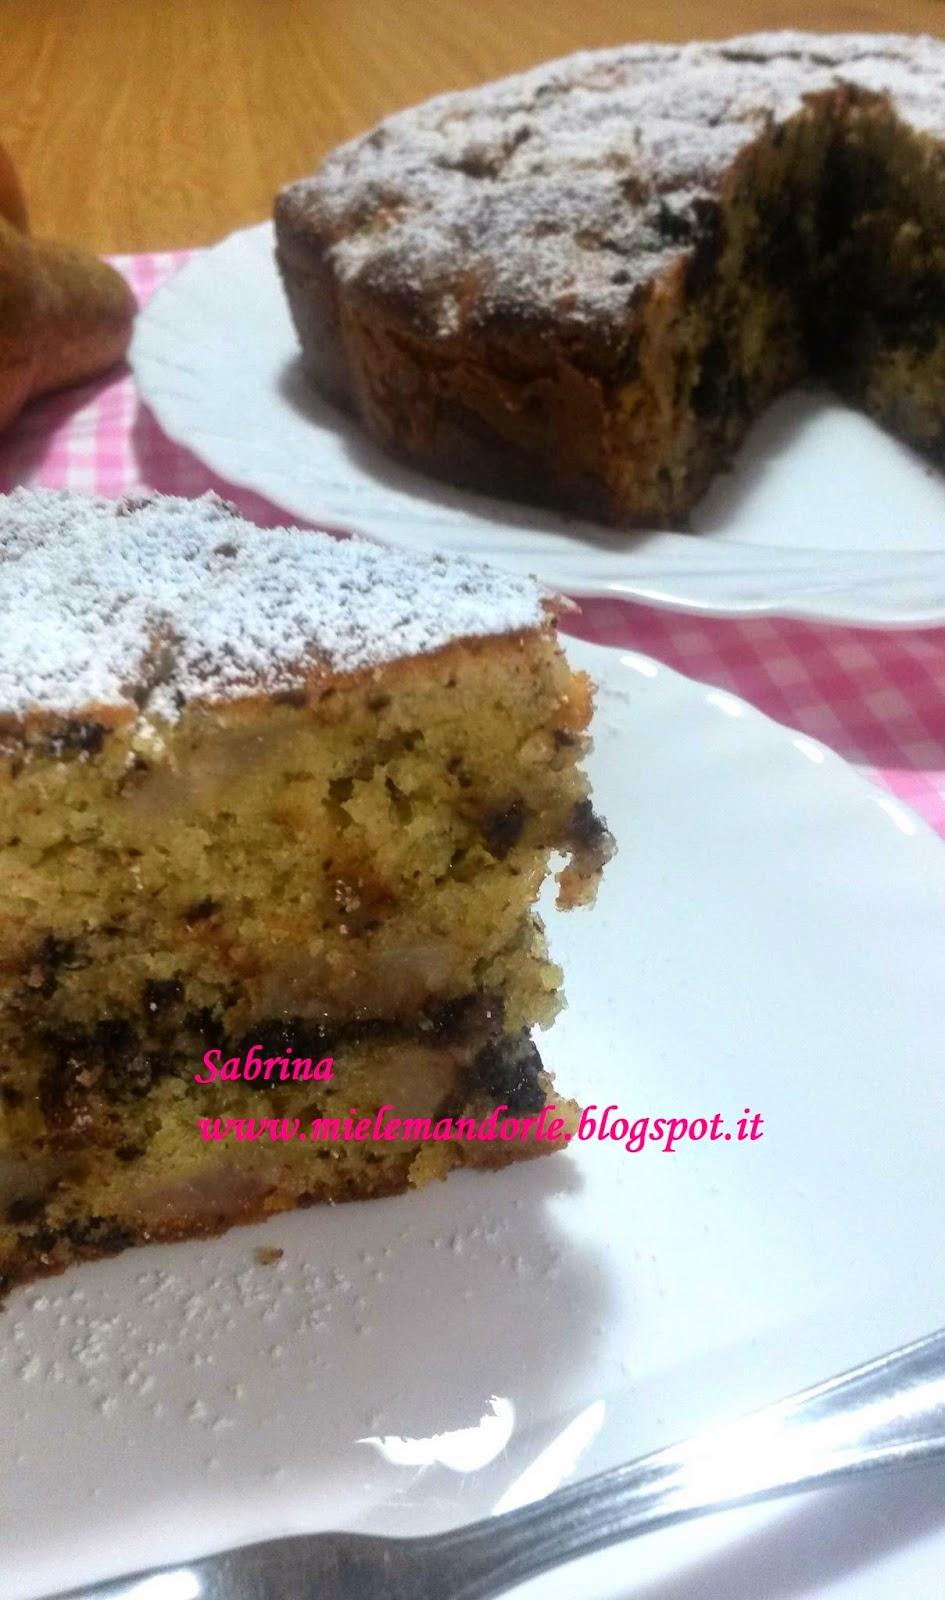 Fotografia della torta rustica con pere e scaglie di cioccolato dal blog Miele e Mandorle